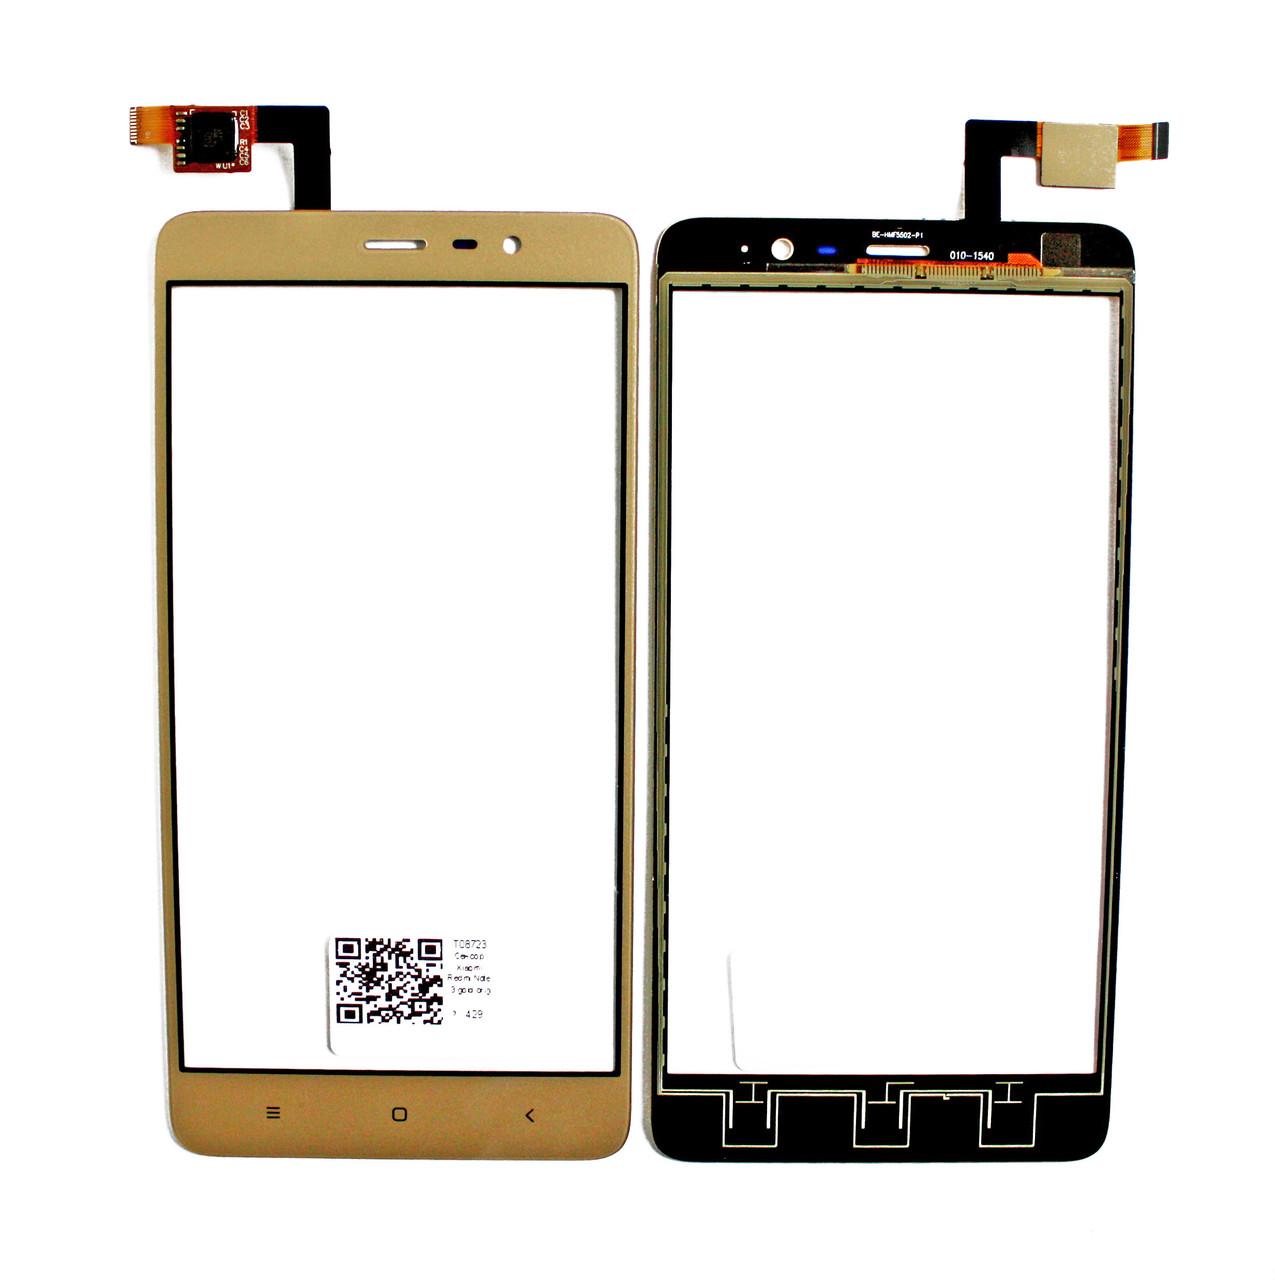 Сенсорный экран (тачскрин) Xiaomi Redmi Note 3 | Redmi Note 3 Pro золотистый ориг. к-во